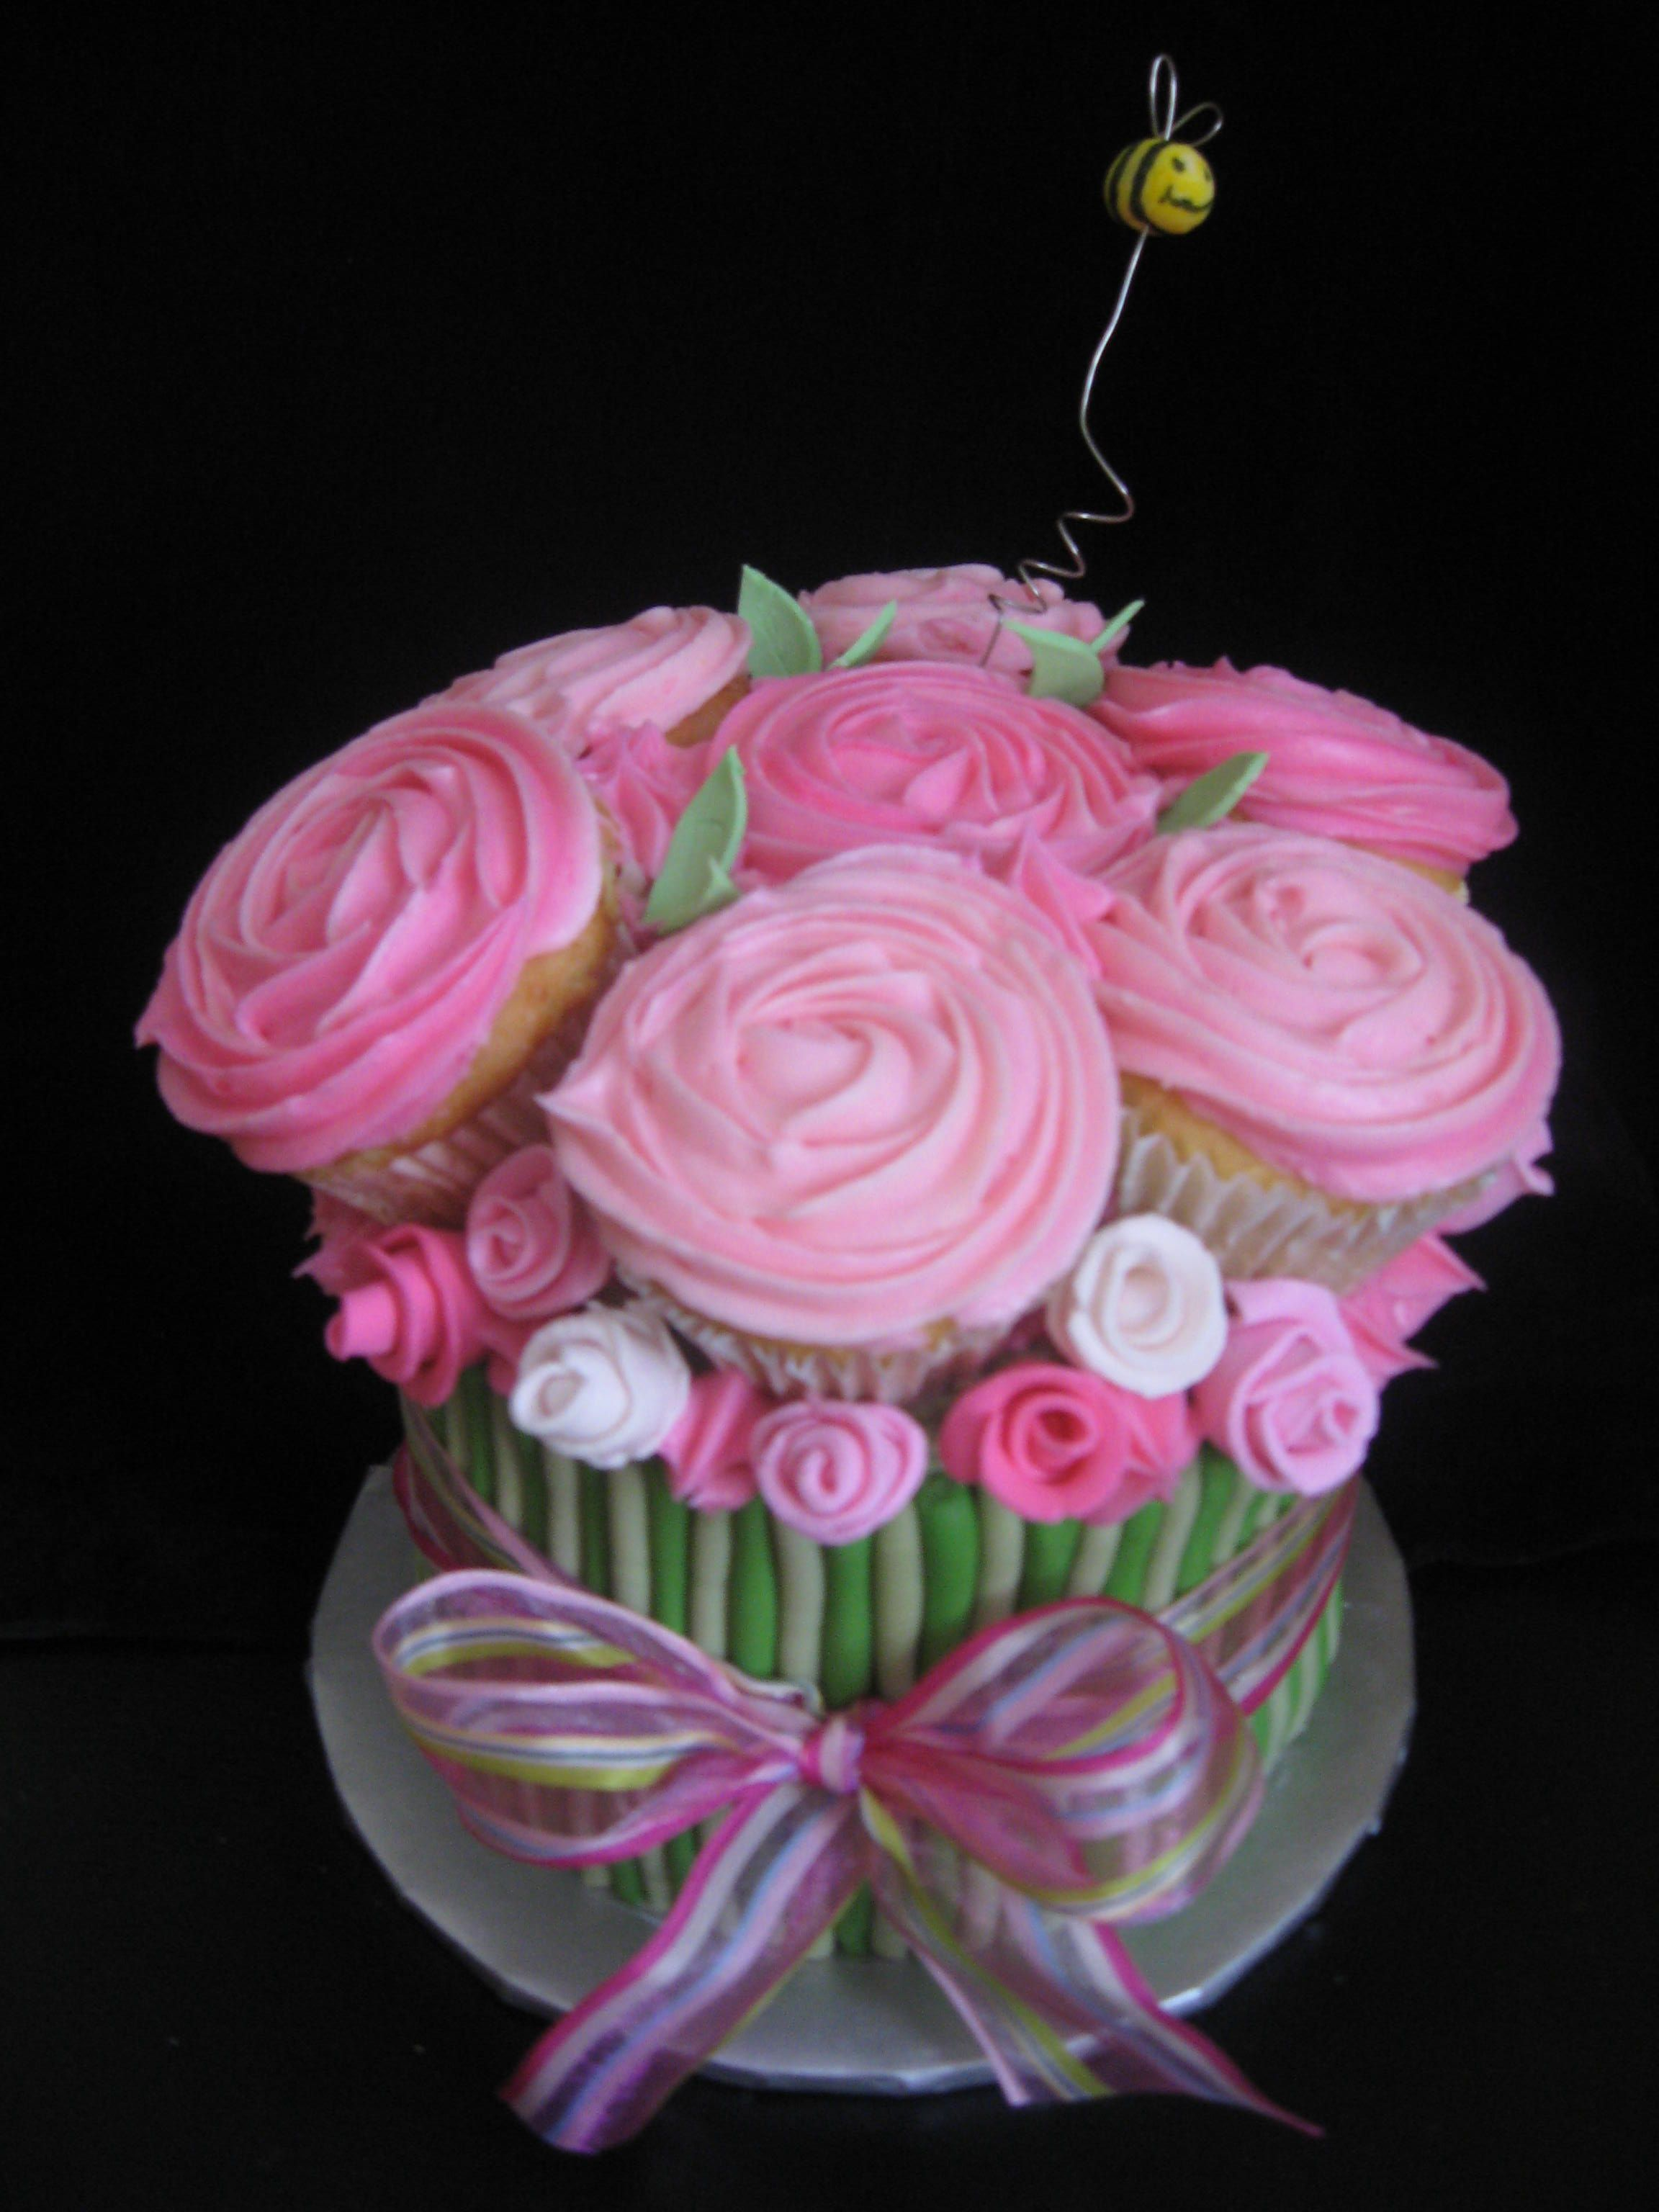 Cupcake Flower Bouquet Cupcake Flower Bouquet Cake Fun Cakes